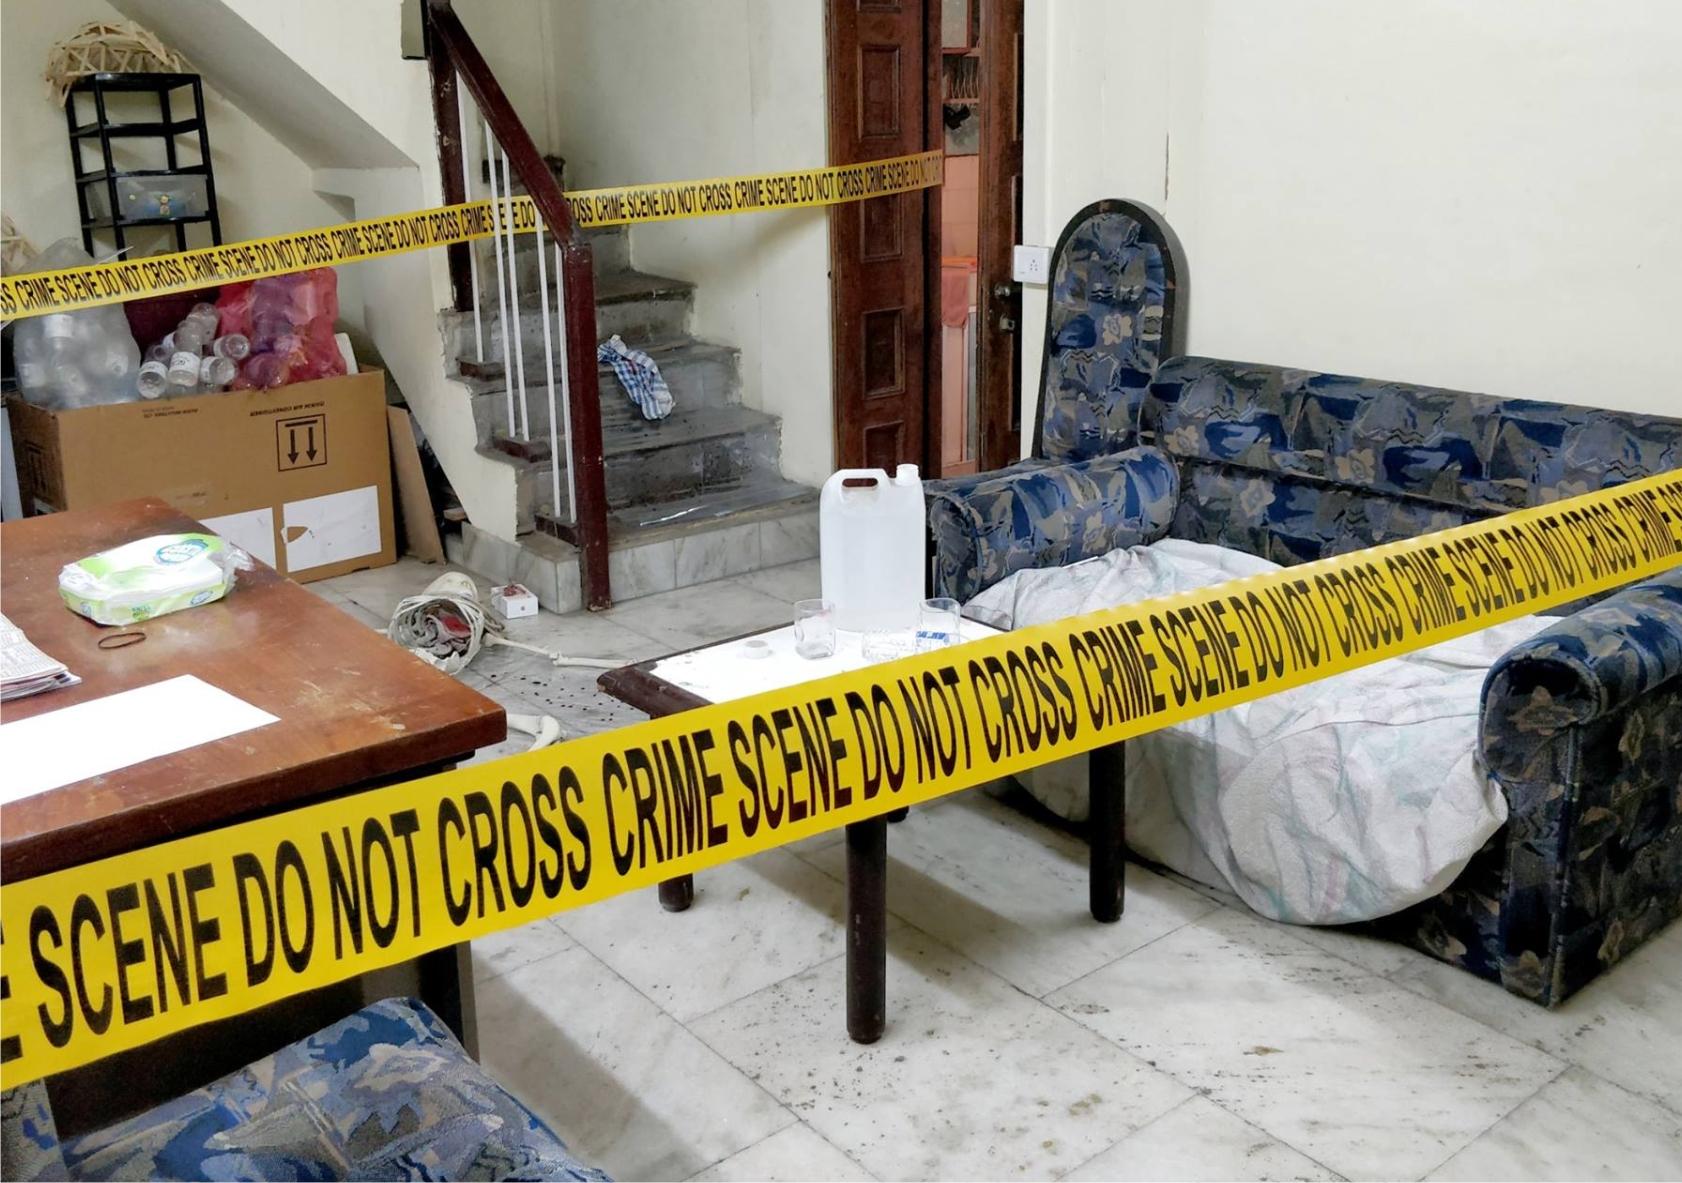 Workshop: Crime Scene Management